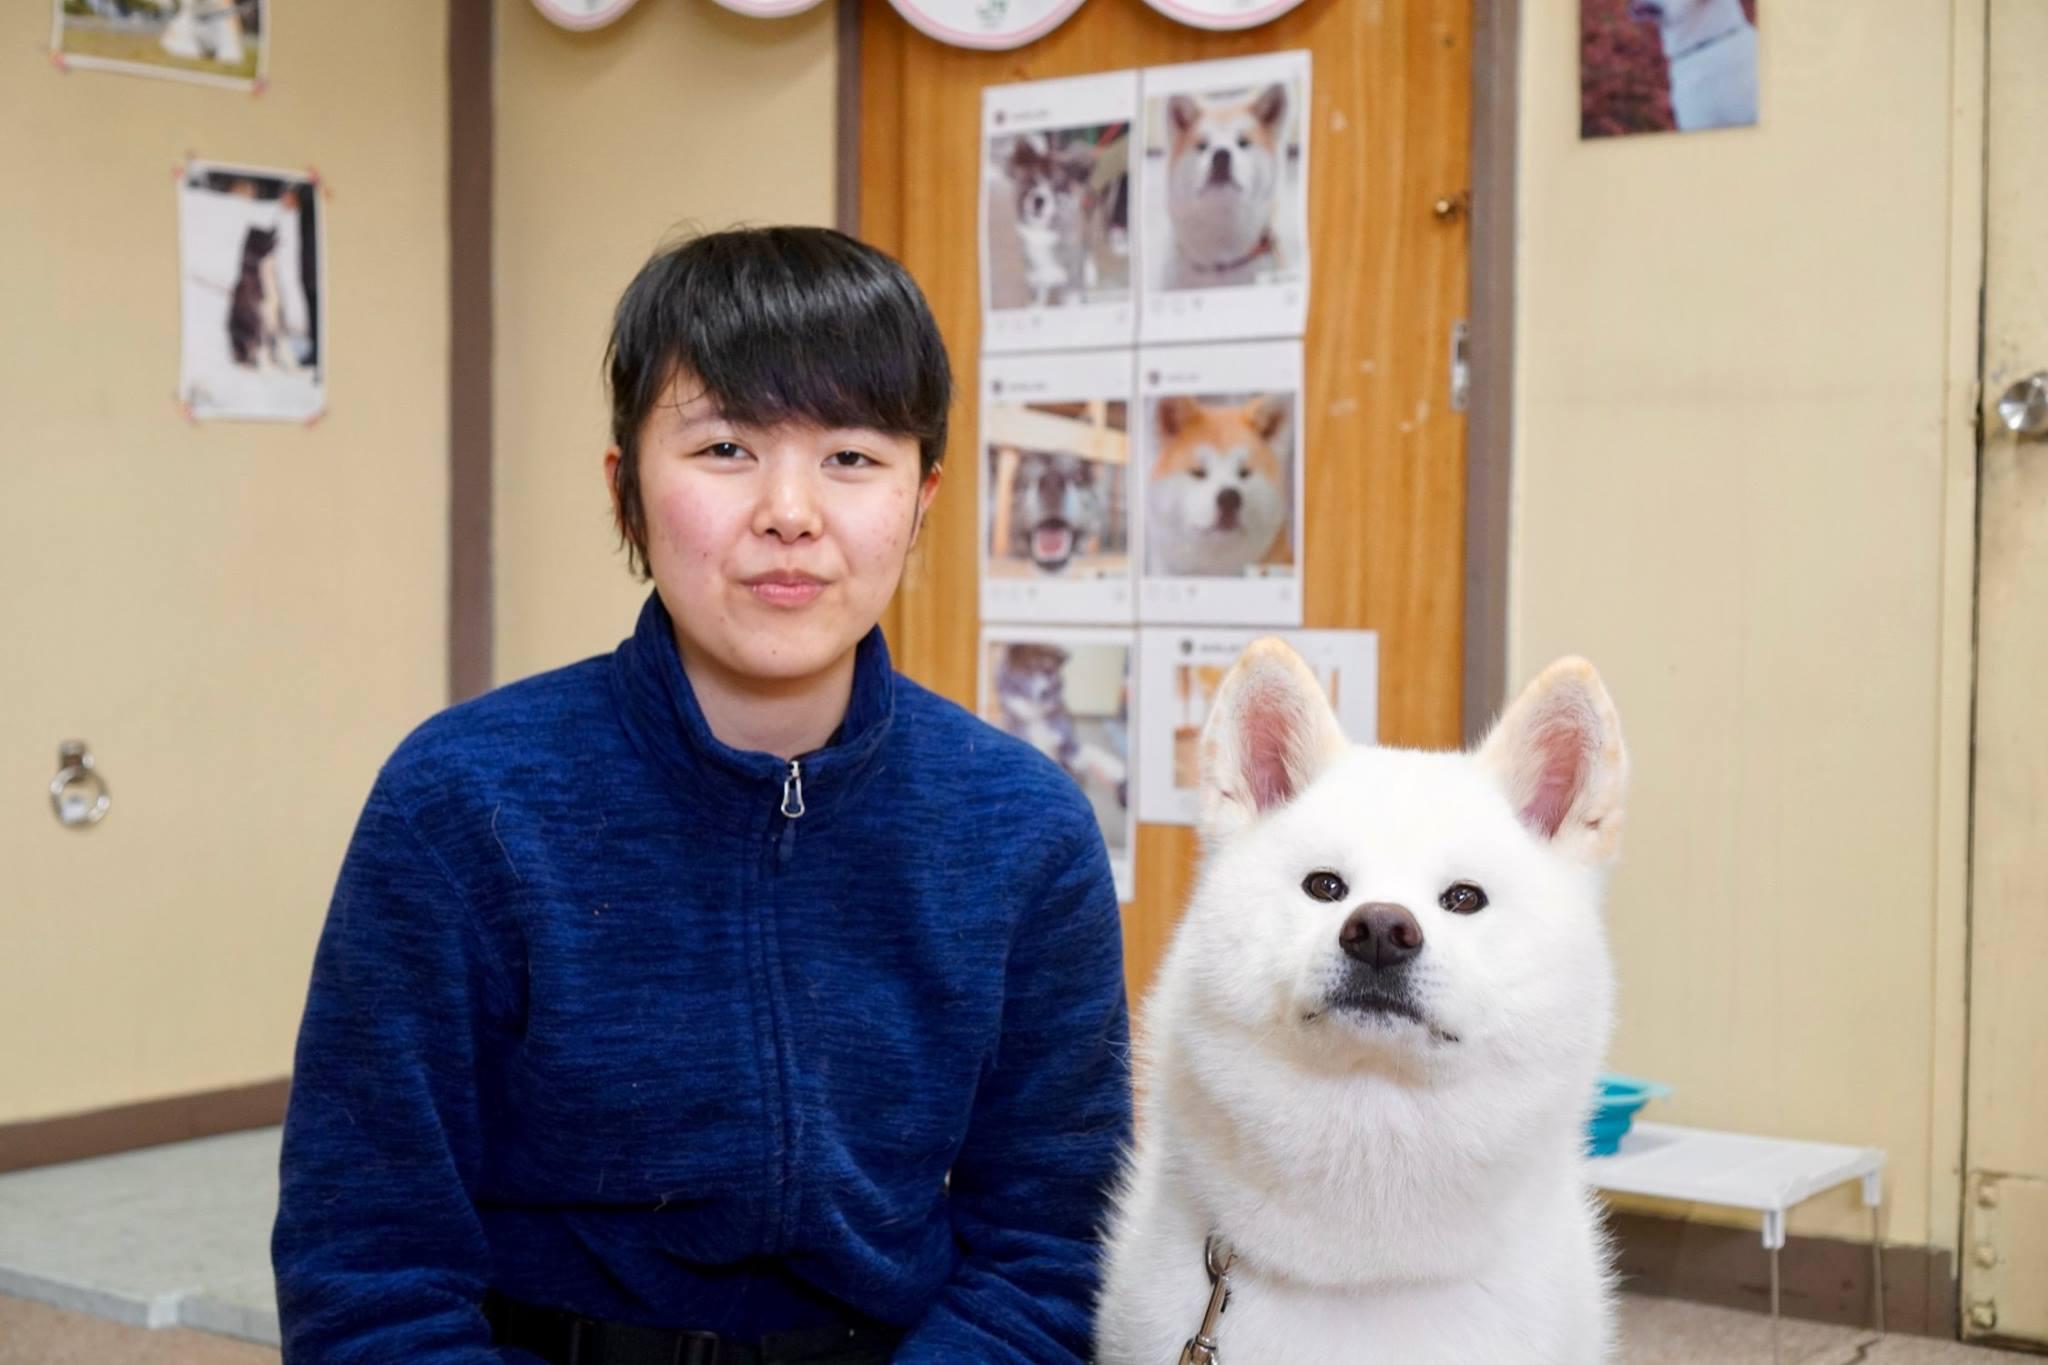 秋田犬に会いに行く◆秋田犬ふれあい処 Part3